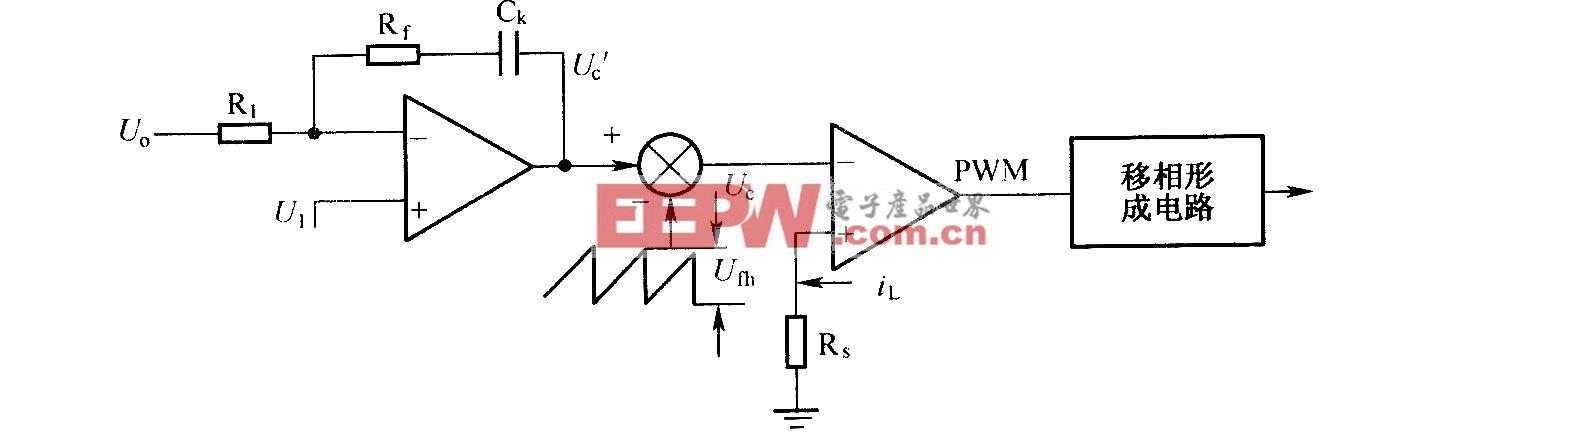 峰值电流的反馈电路